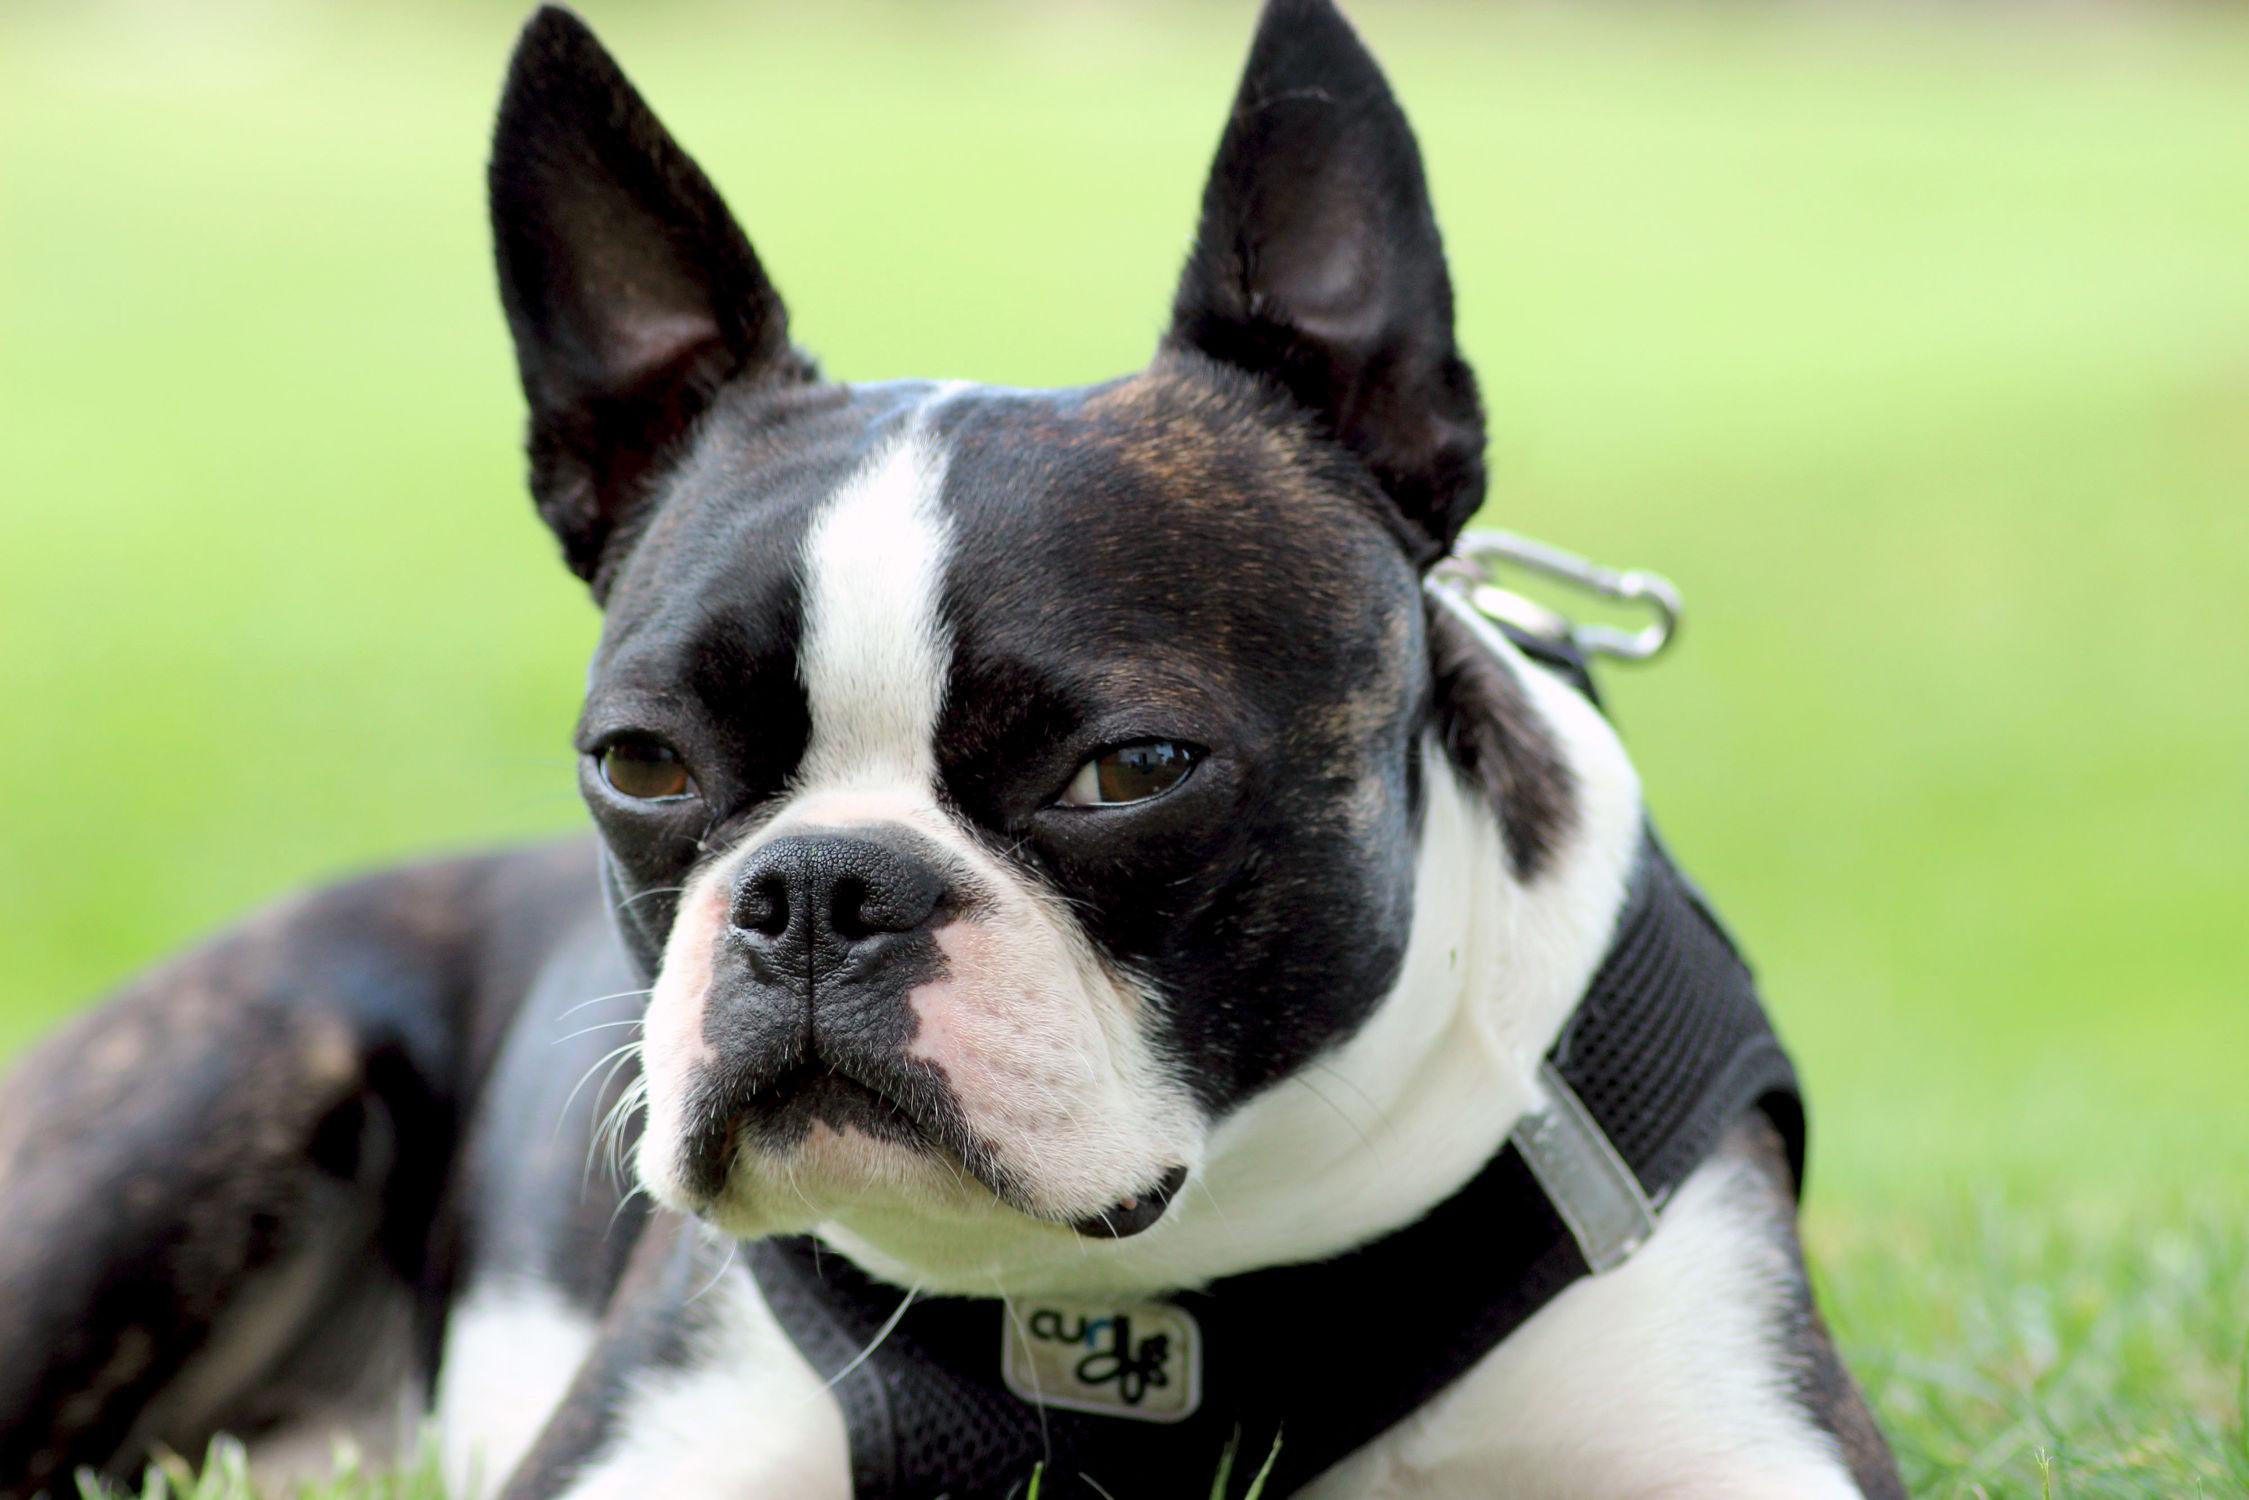 Bild mit Hunde, Hunde, Tier, Dog, Bulldogge, Boston Terrier, Bosti, Kleine doggenartige Hunde, Familienhund, Hundebild, Haustier